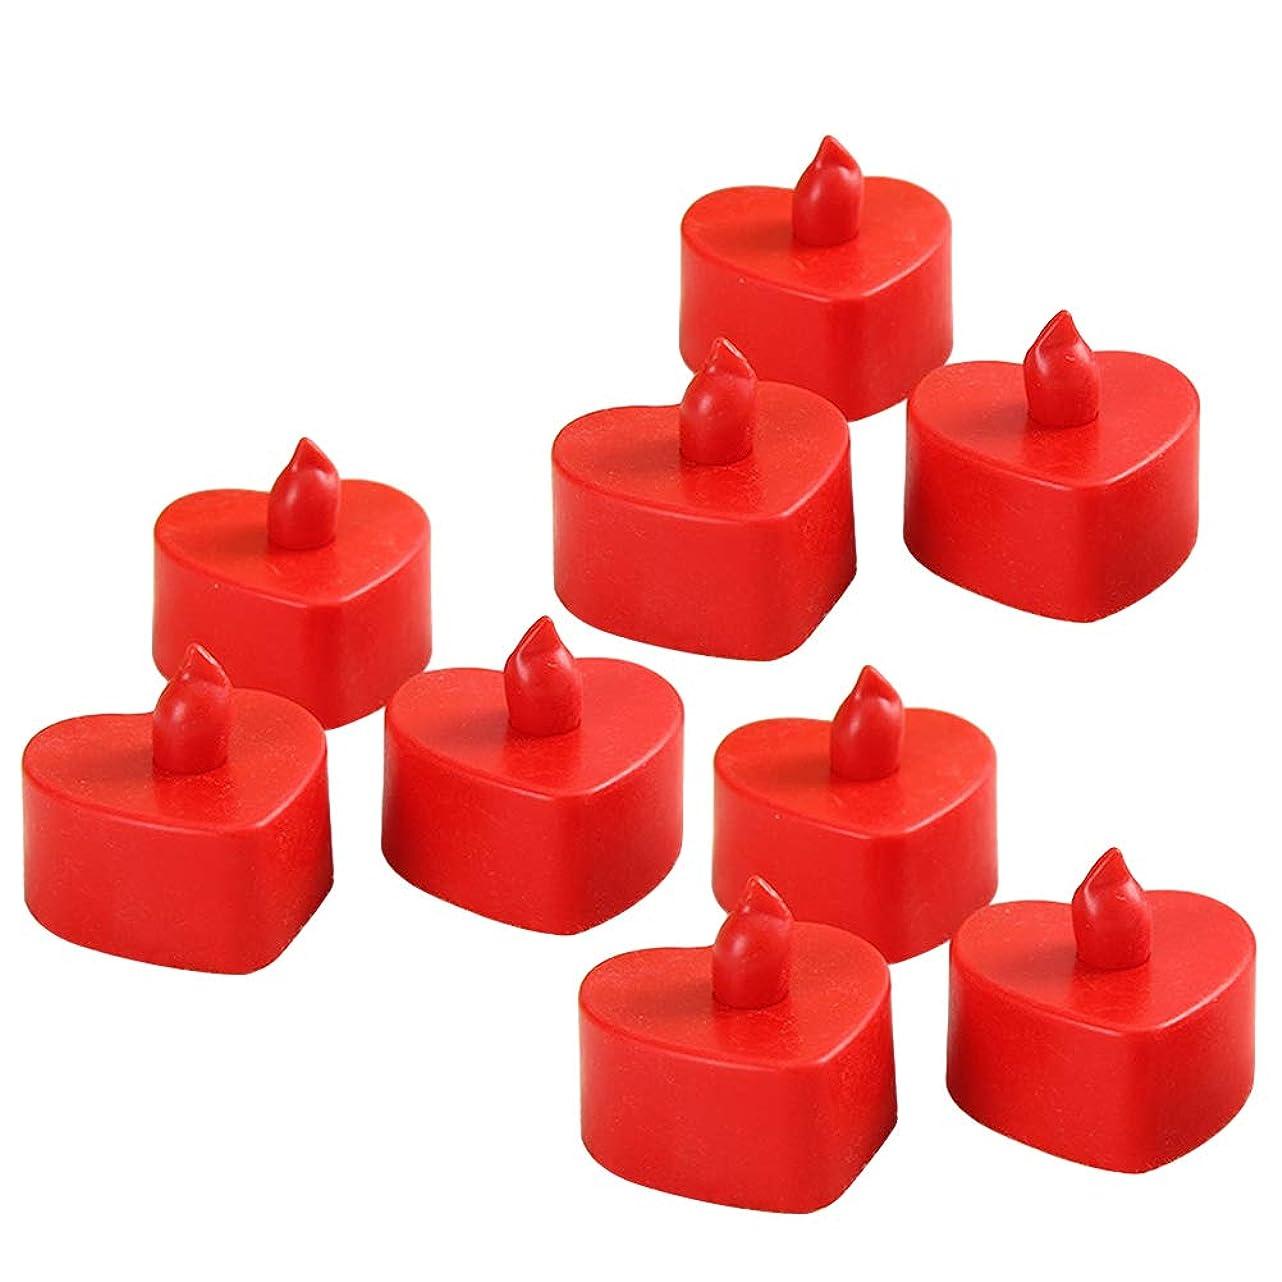 ハグテニス否認するBESTOYARD 10個無炎キャンドルバッテリーは、キャンドルウェディングパーティフェスティバルの装飾(赤いシェルの赤い光)